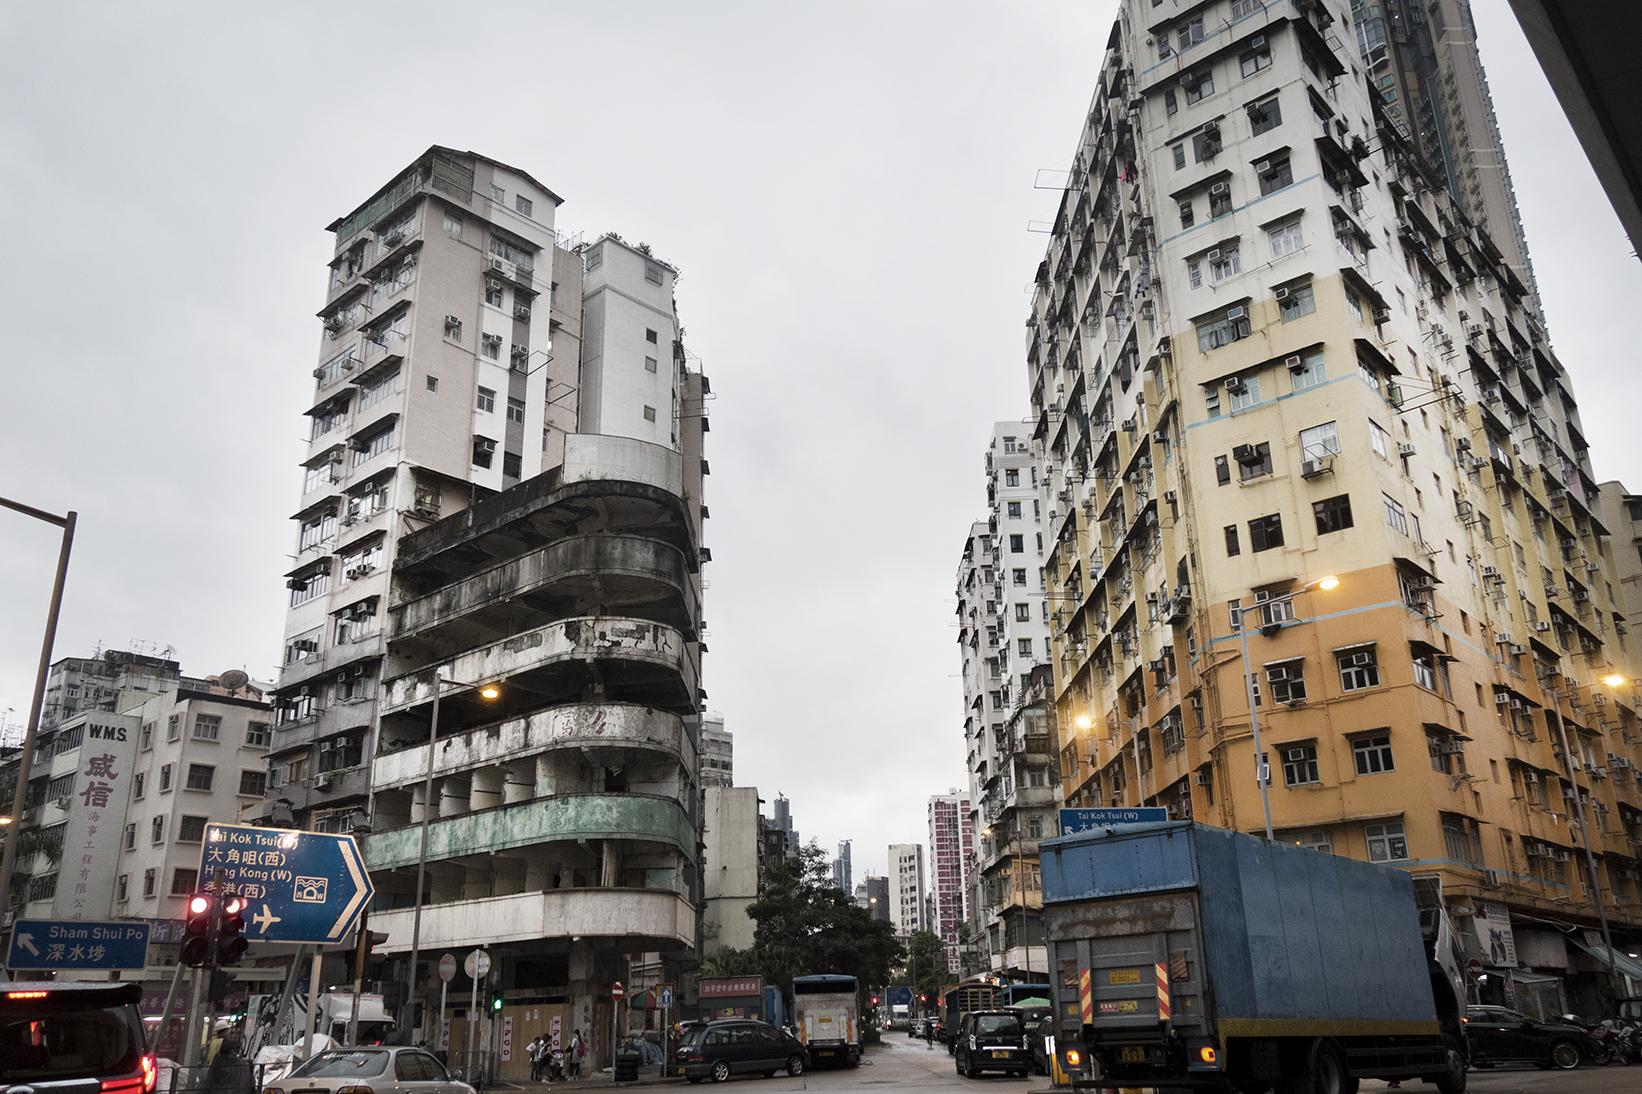 HK_refugees030